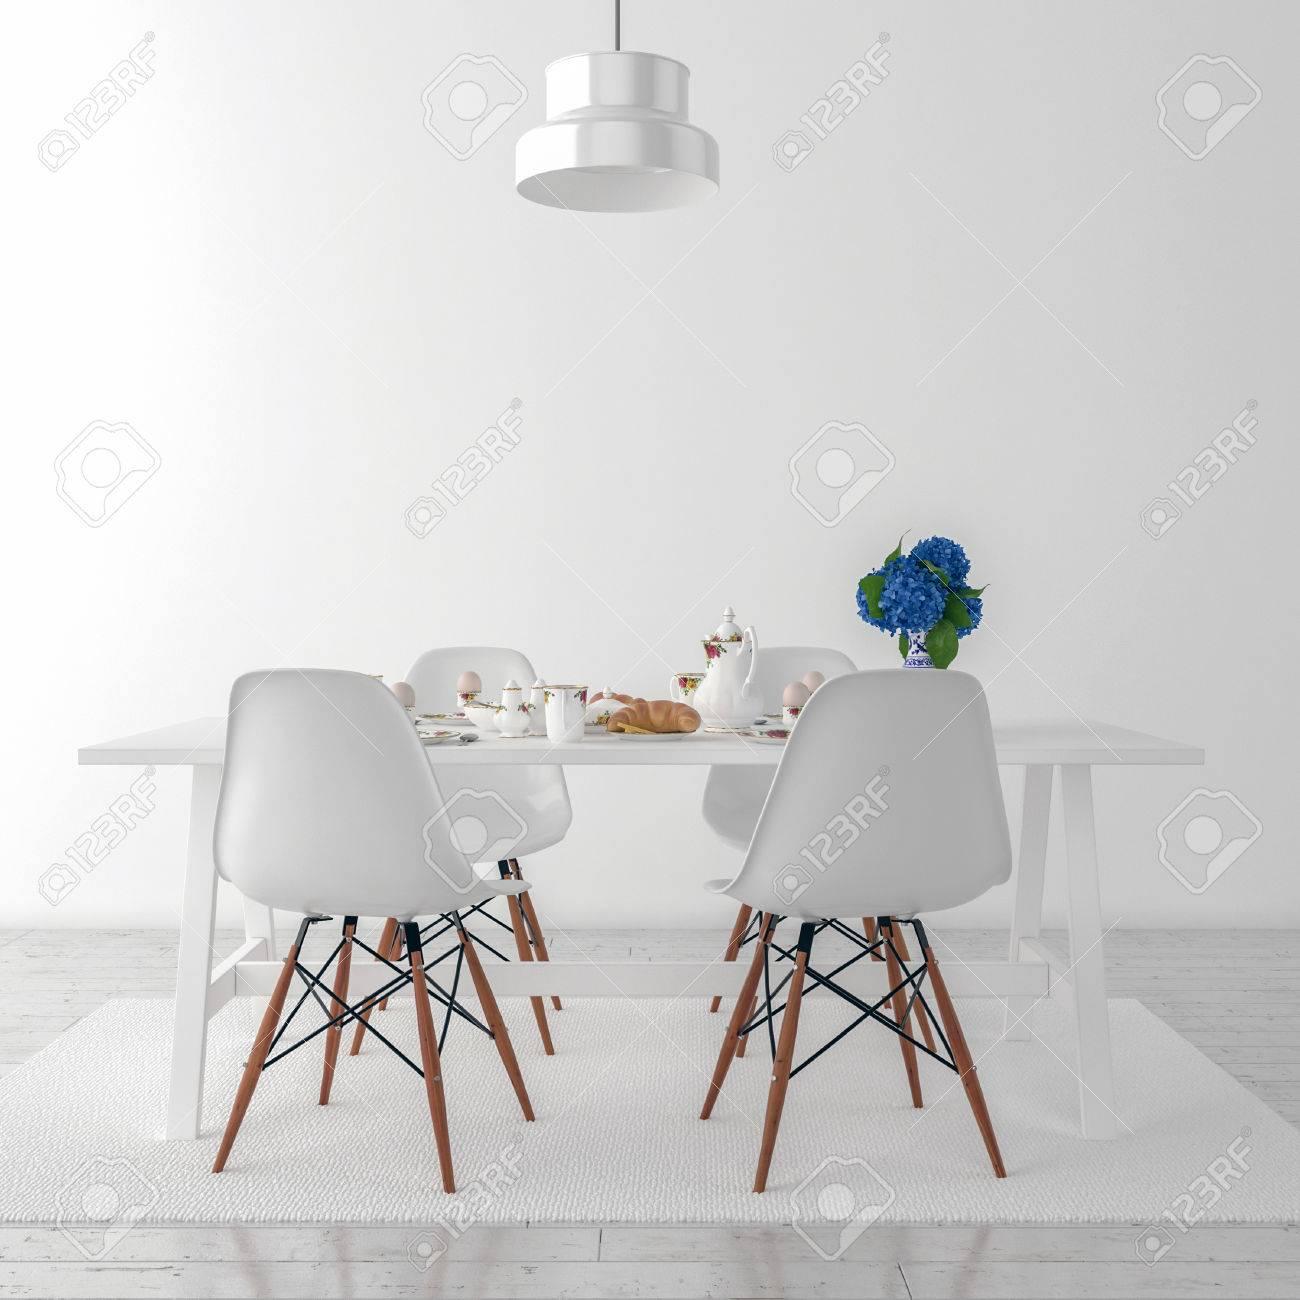 Küchentisch Und Stühle - 3D Abbildung Lizenzfreie Fotos, Bilder Und ...